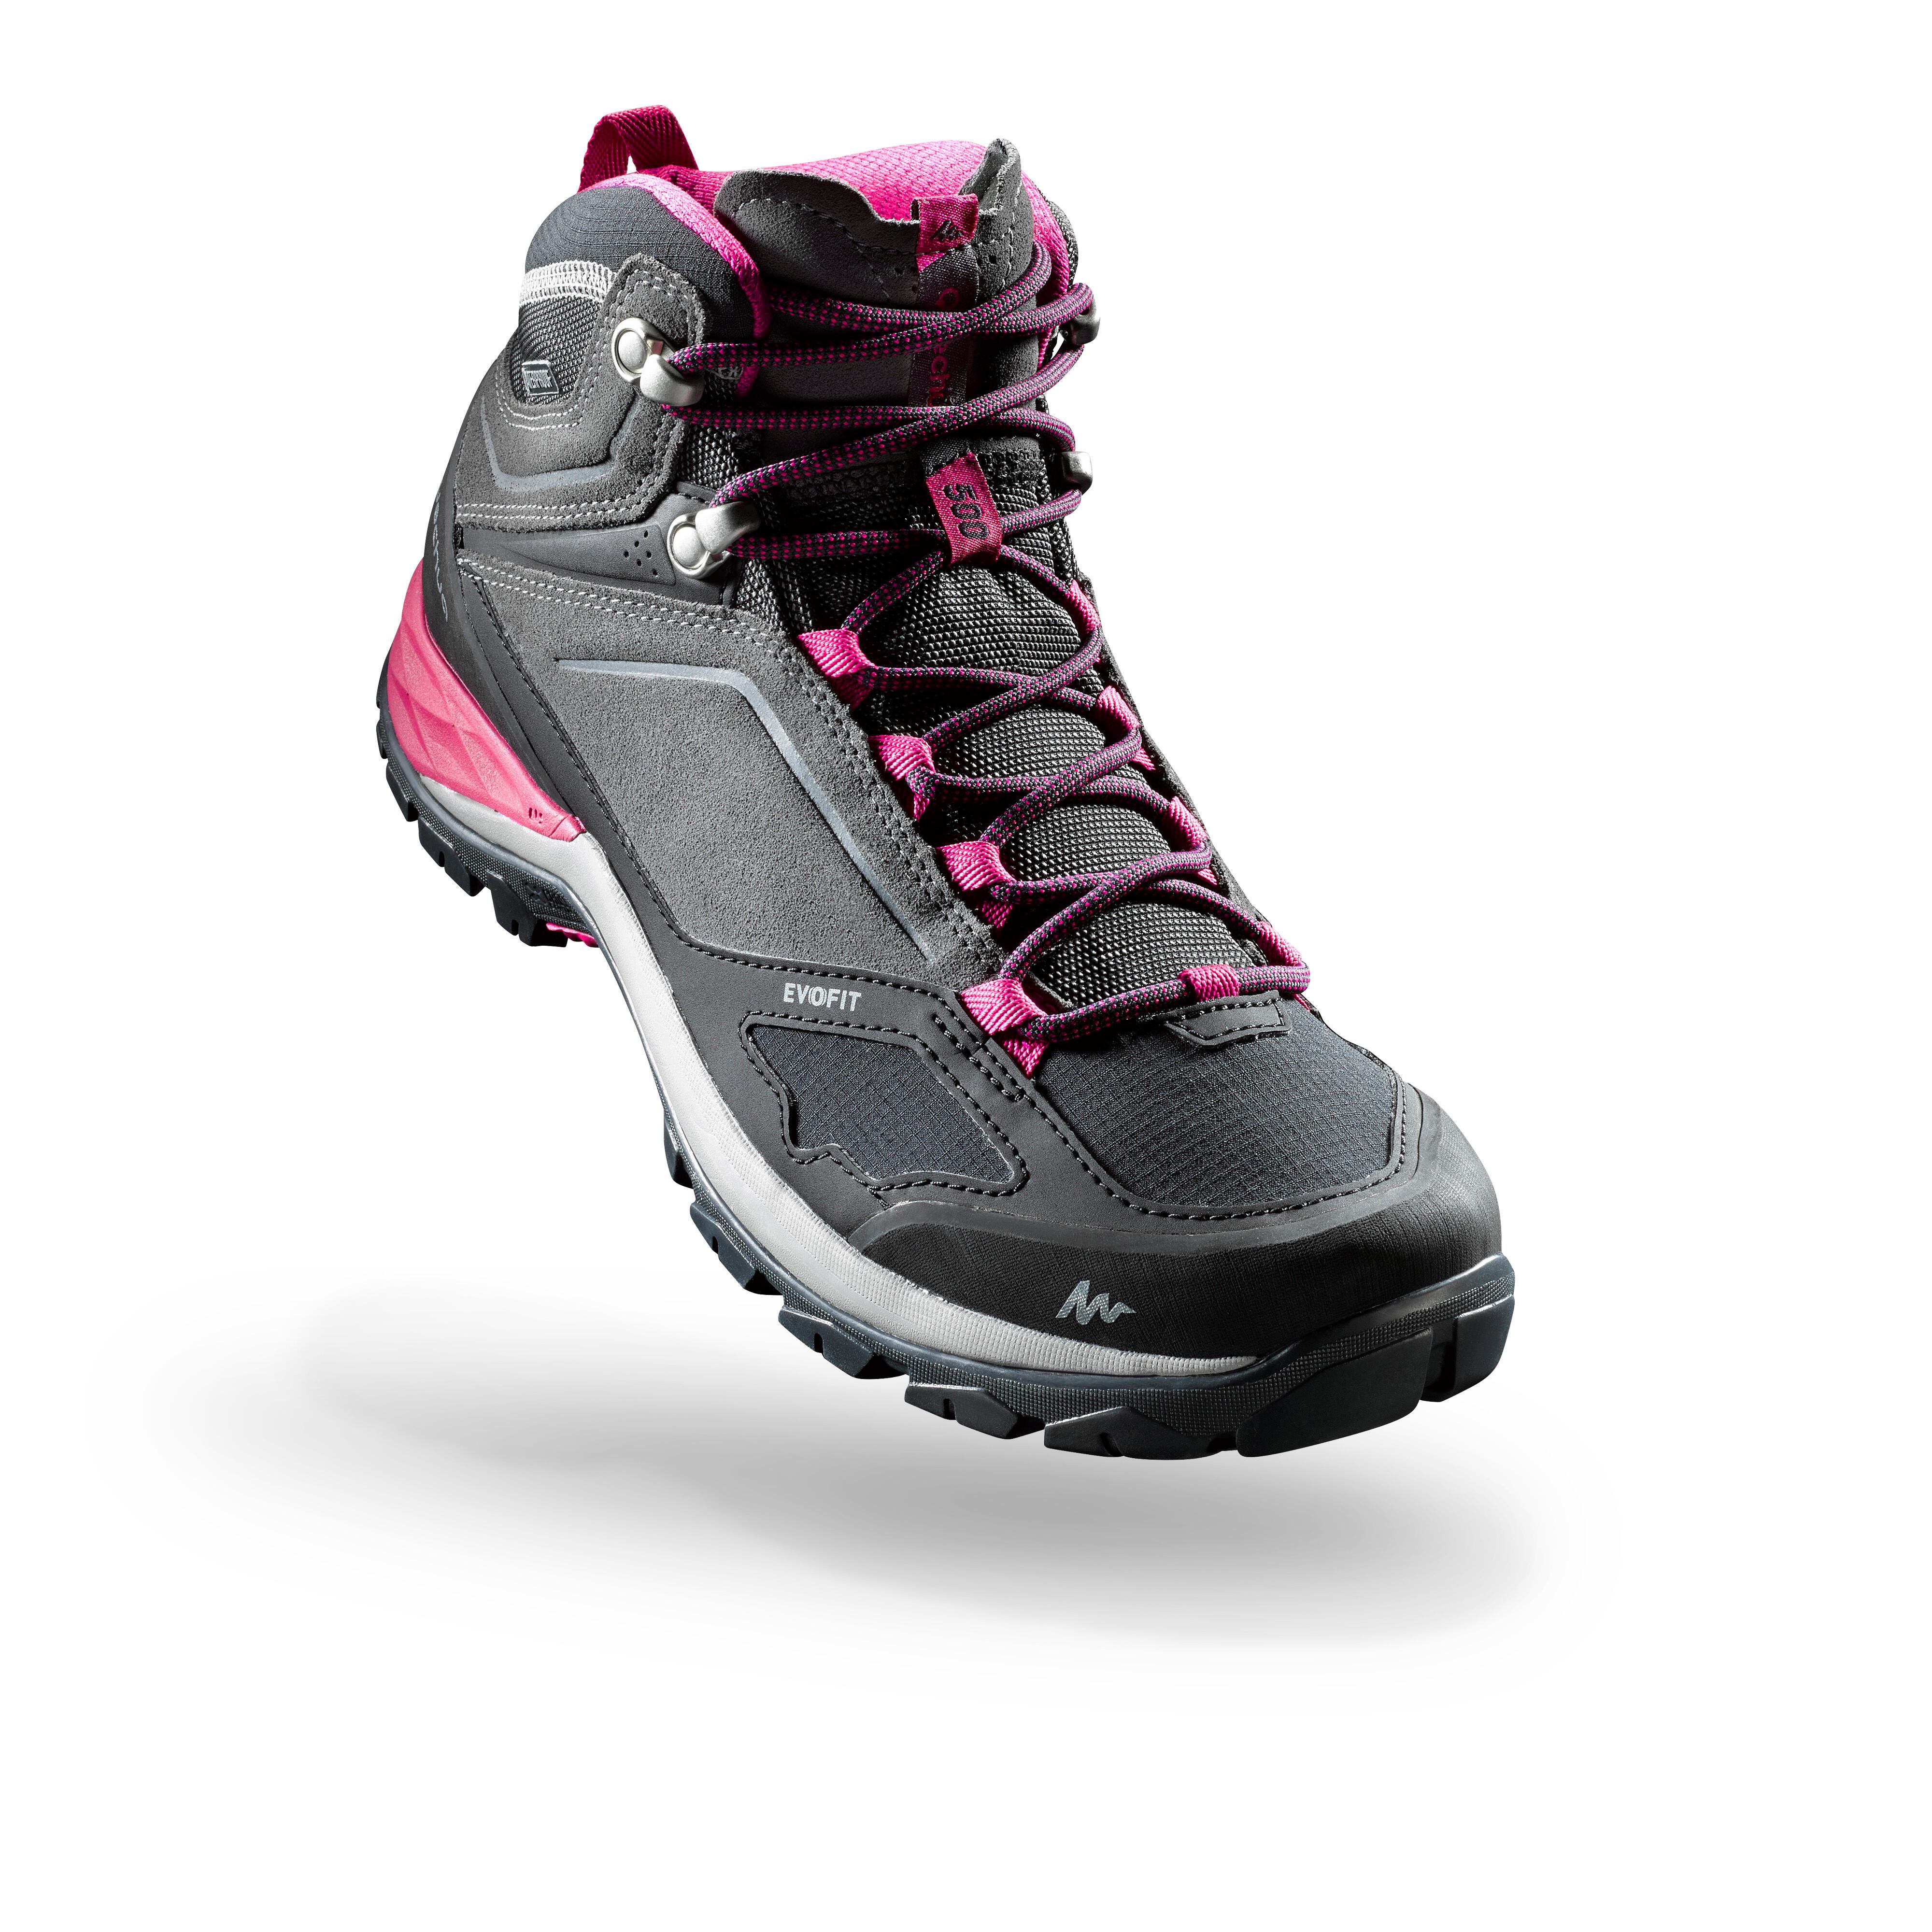 Quechua Waterdichte bergwandelschoenen voor dames MH500 mid grijs/roze